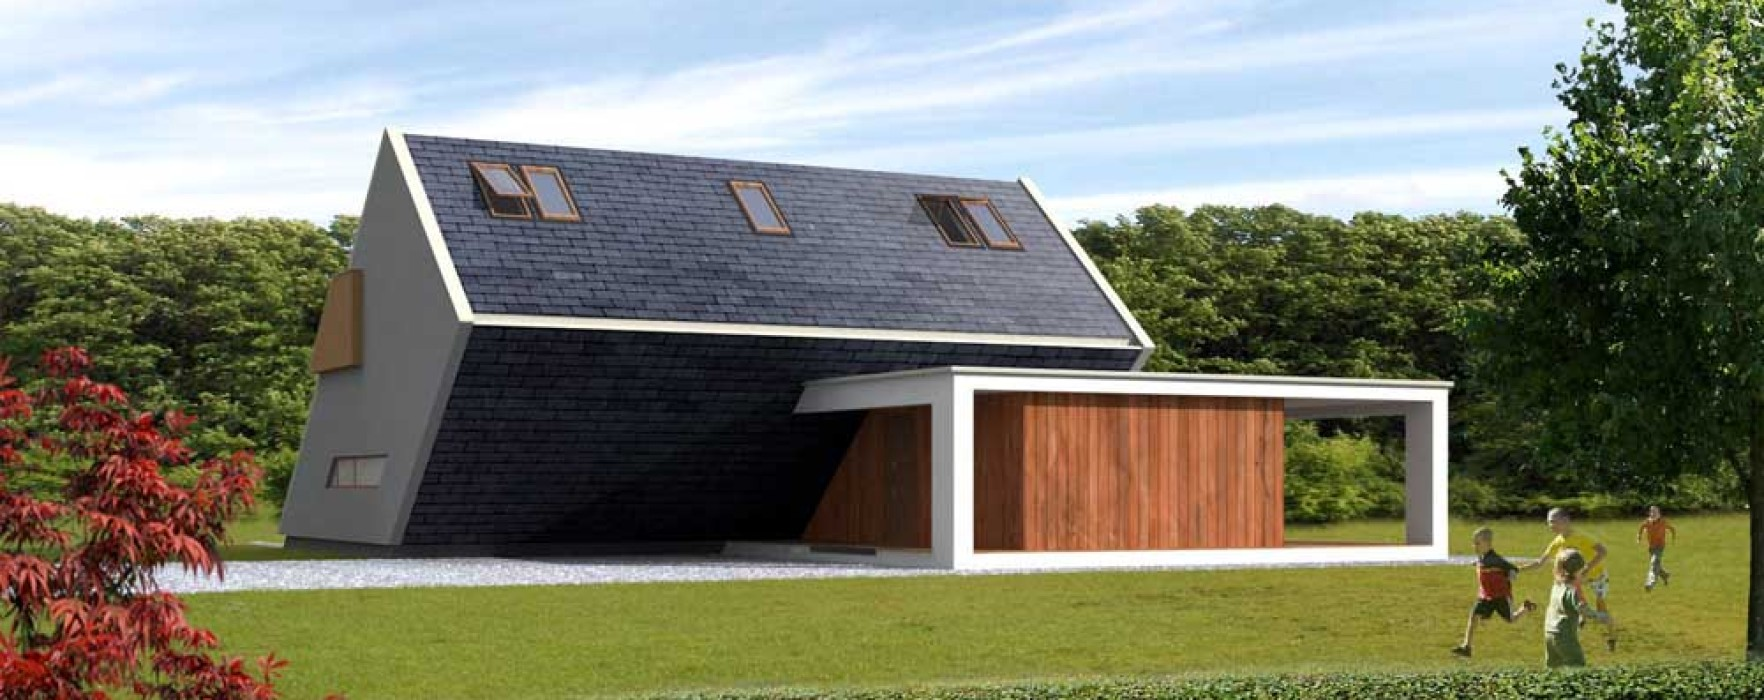 Elegant permessi terreni agricoli e case di legno with for Che disegna progetti per le case